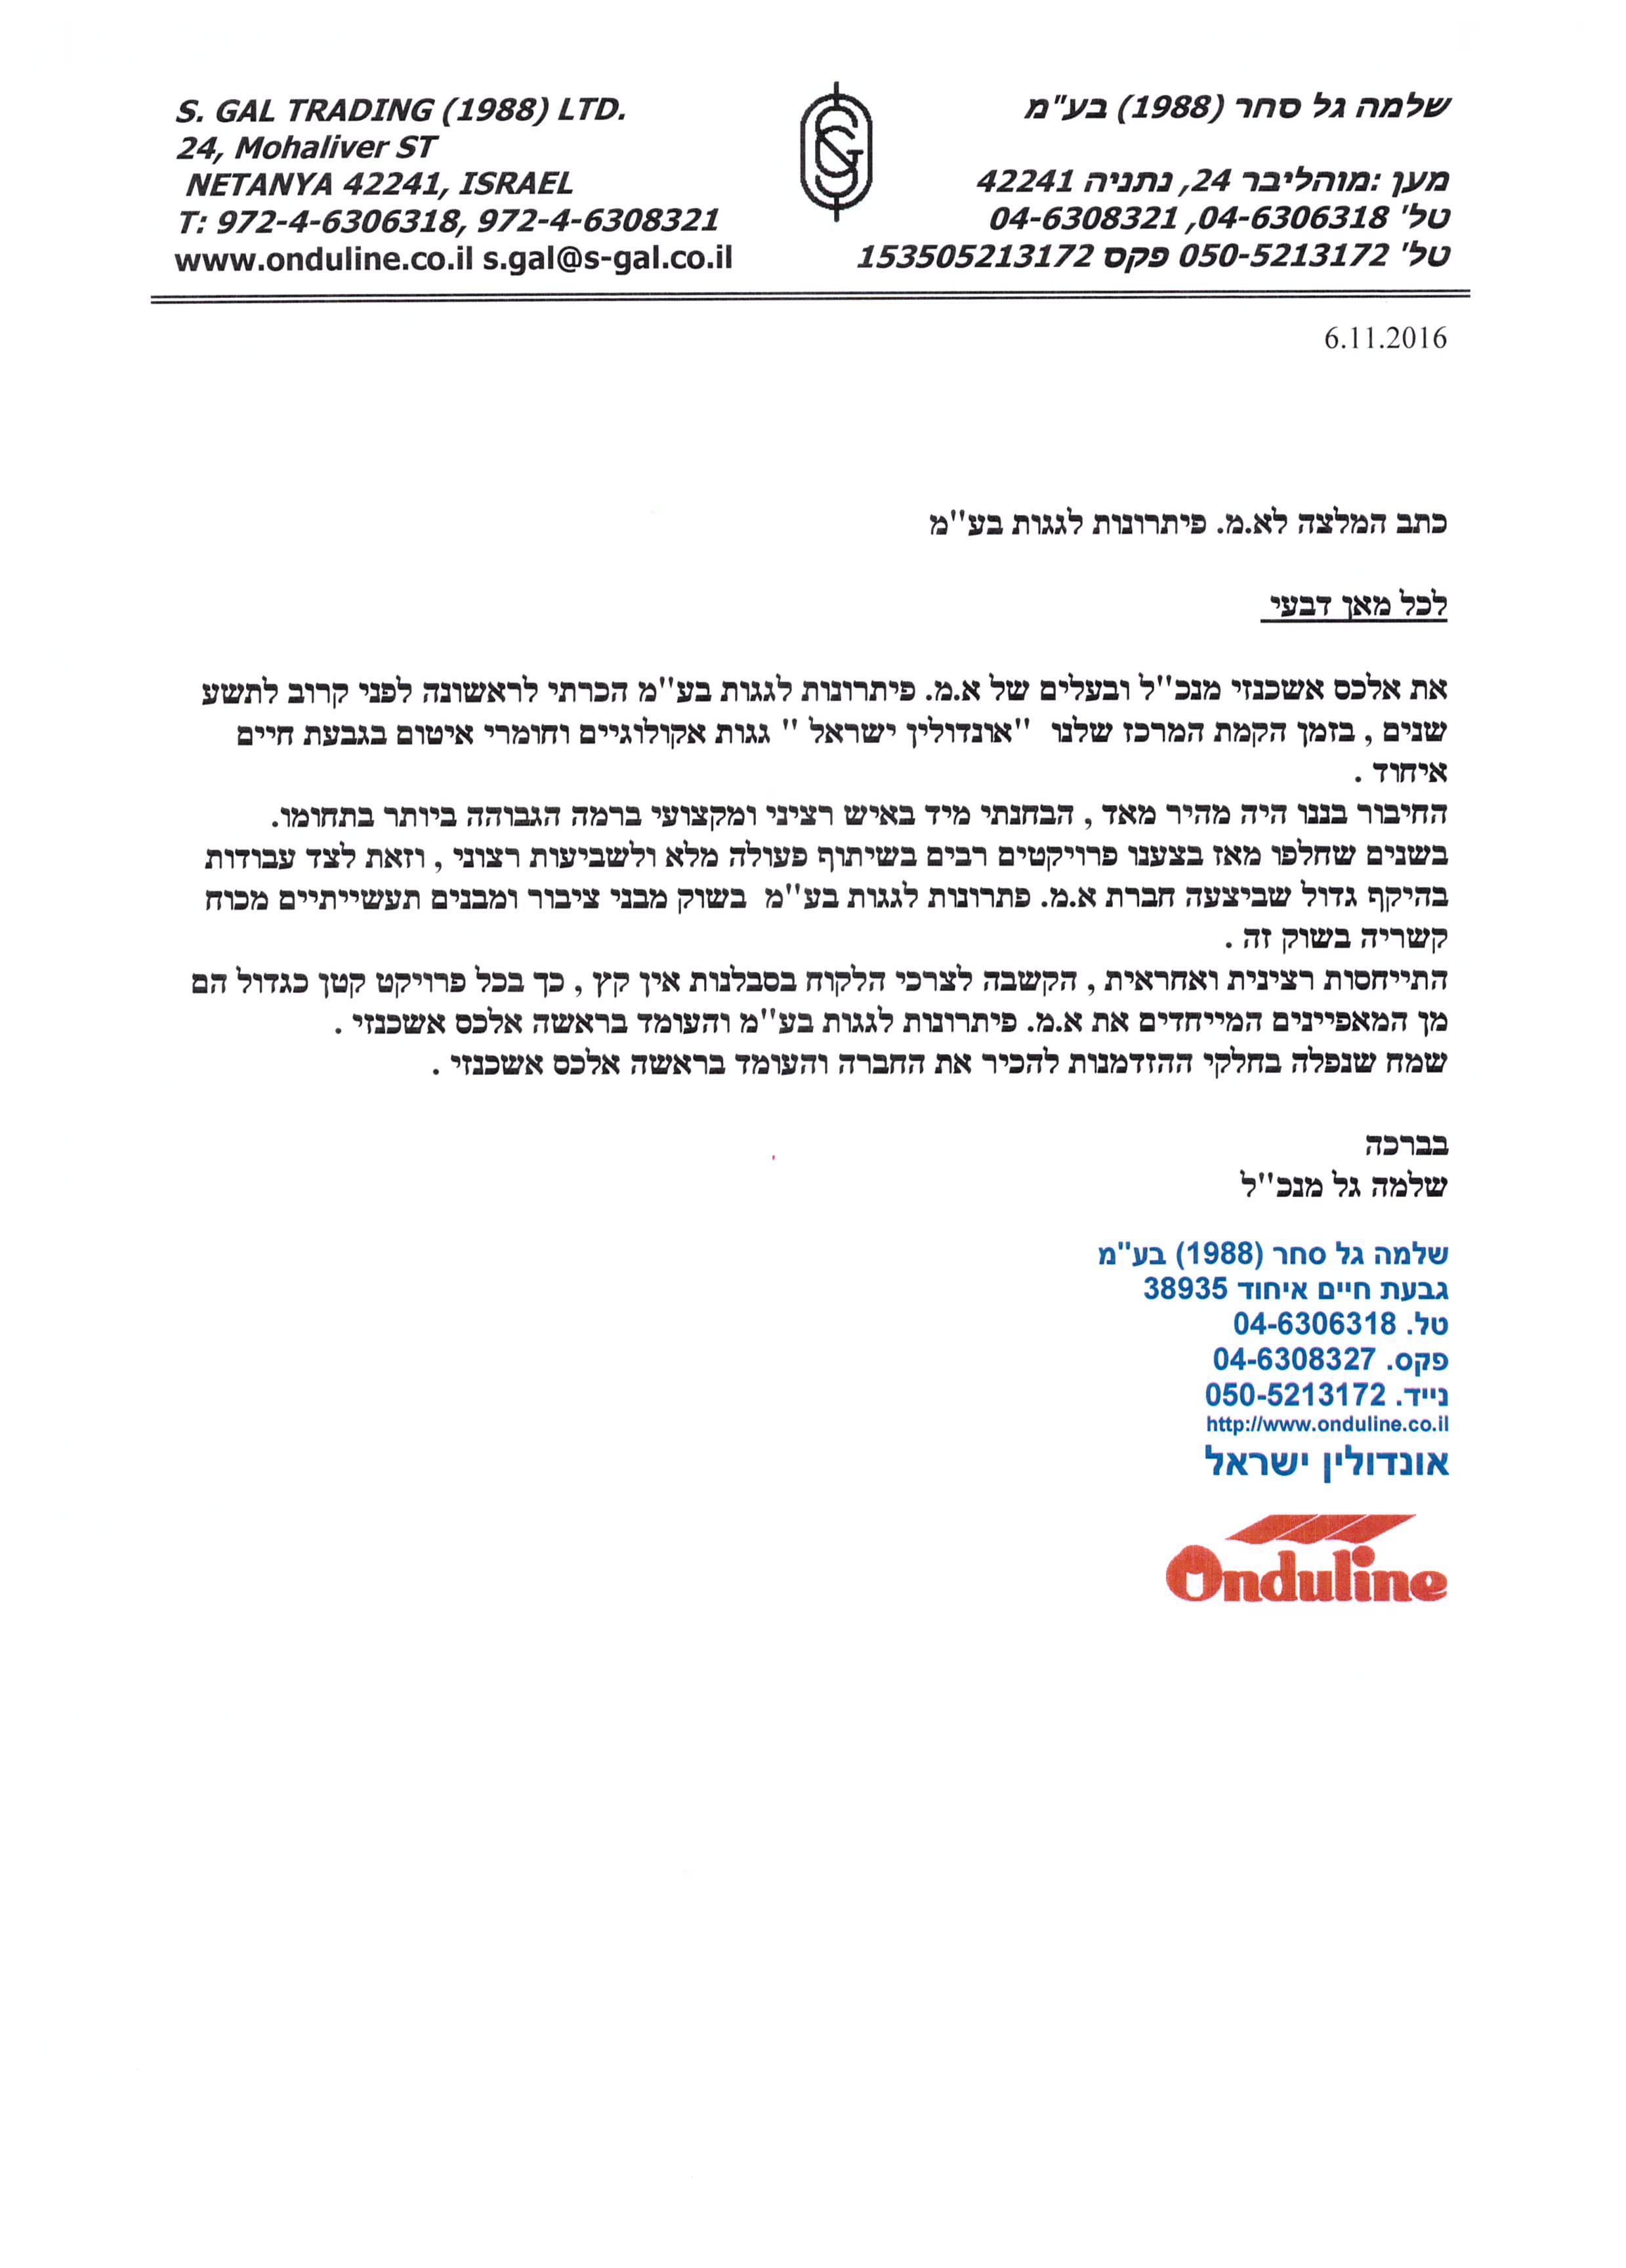 אונדולין-ישראל-המלצה-2016